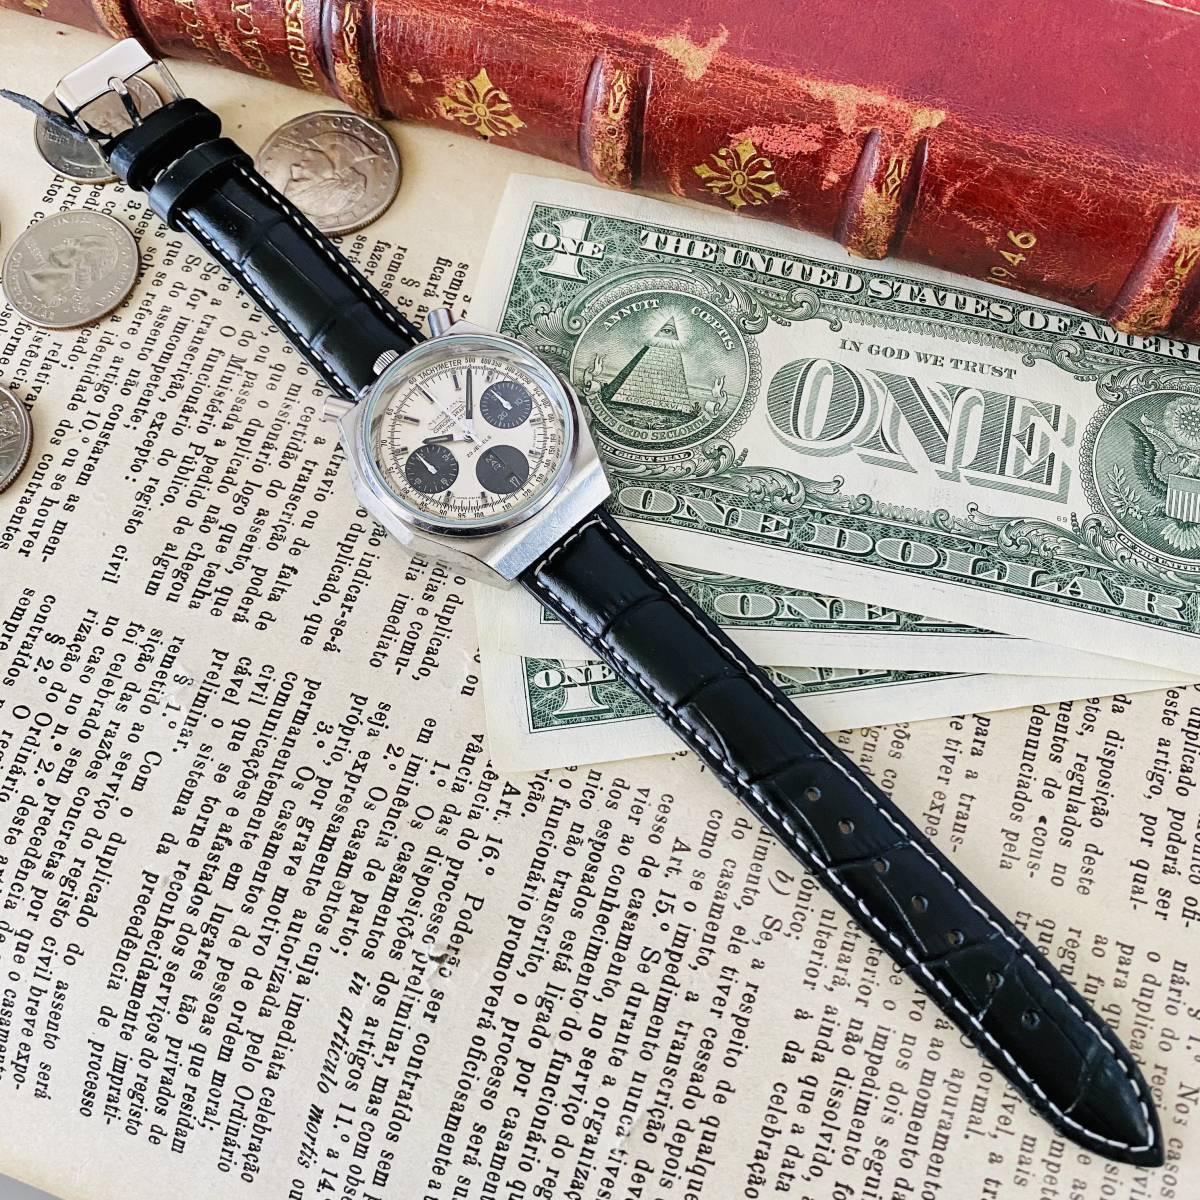 【高級時計 シチズン】CITIZEN 8110A クロノグラフ 自動巻 1980年代 ツノ メンズ レディース ビンテージ アナログ 腕時計パンダ チャレンジ_画像7